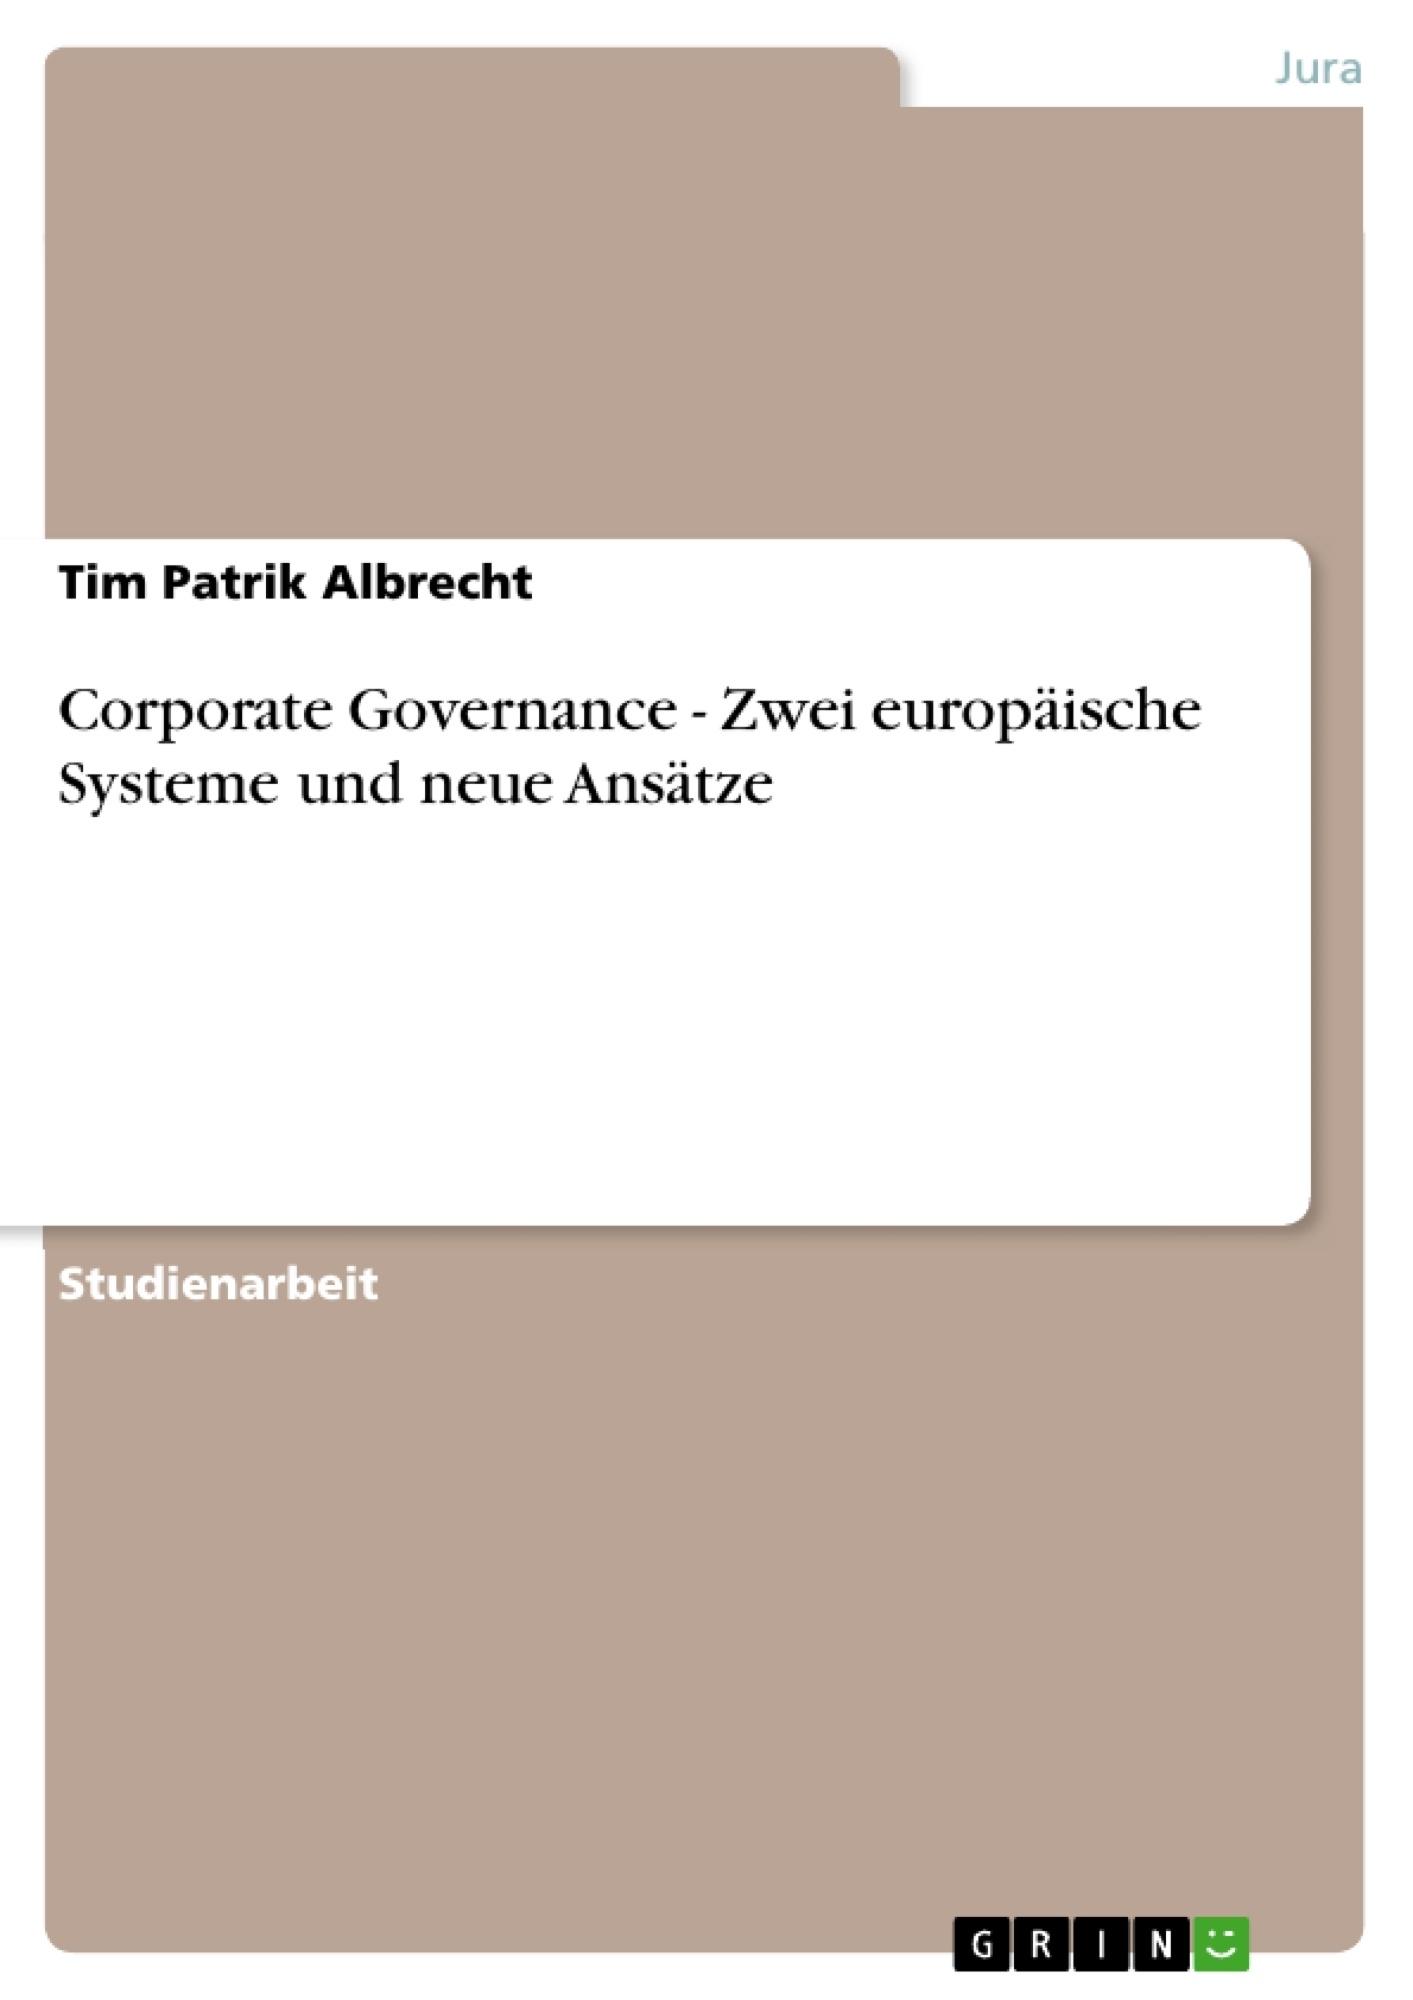 Titel: Corporate Governance - Zwei europäische Systeme und neue Ansätze